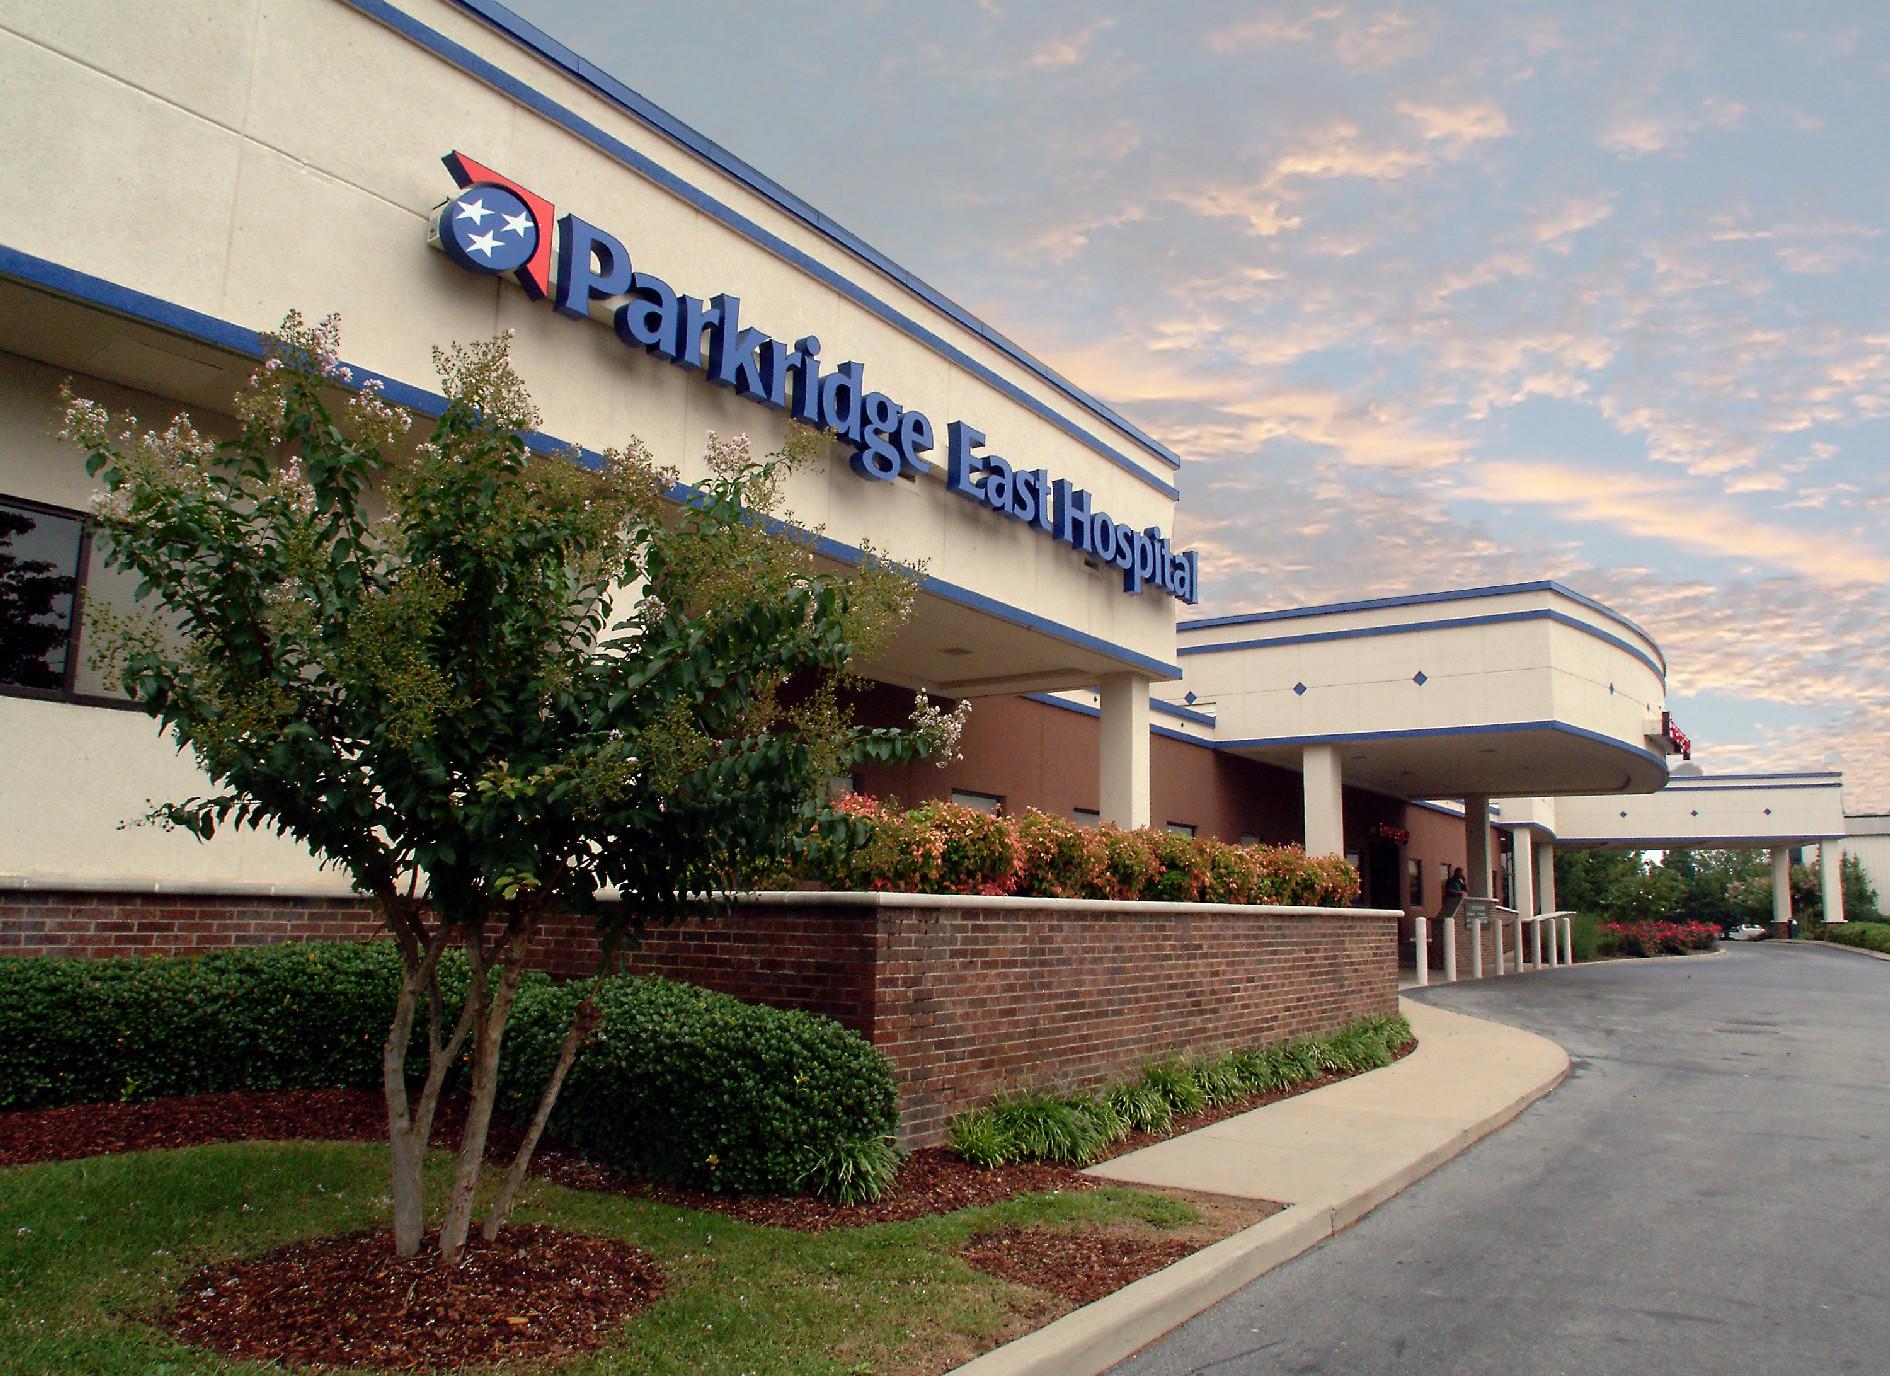 Parkridge East Hospital image 0